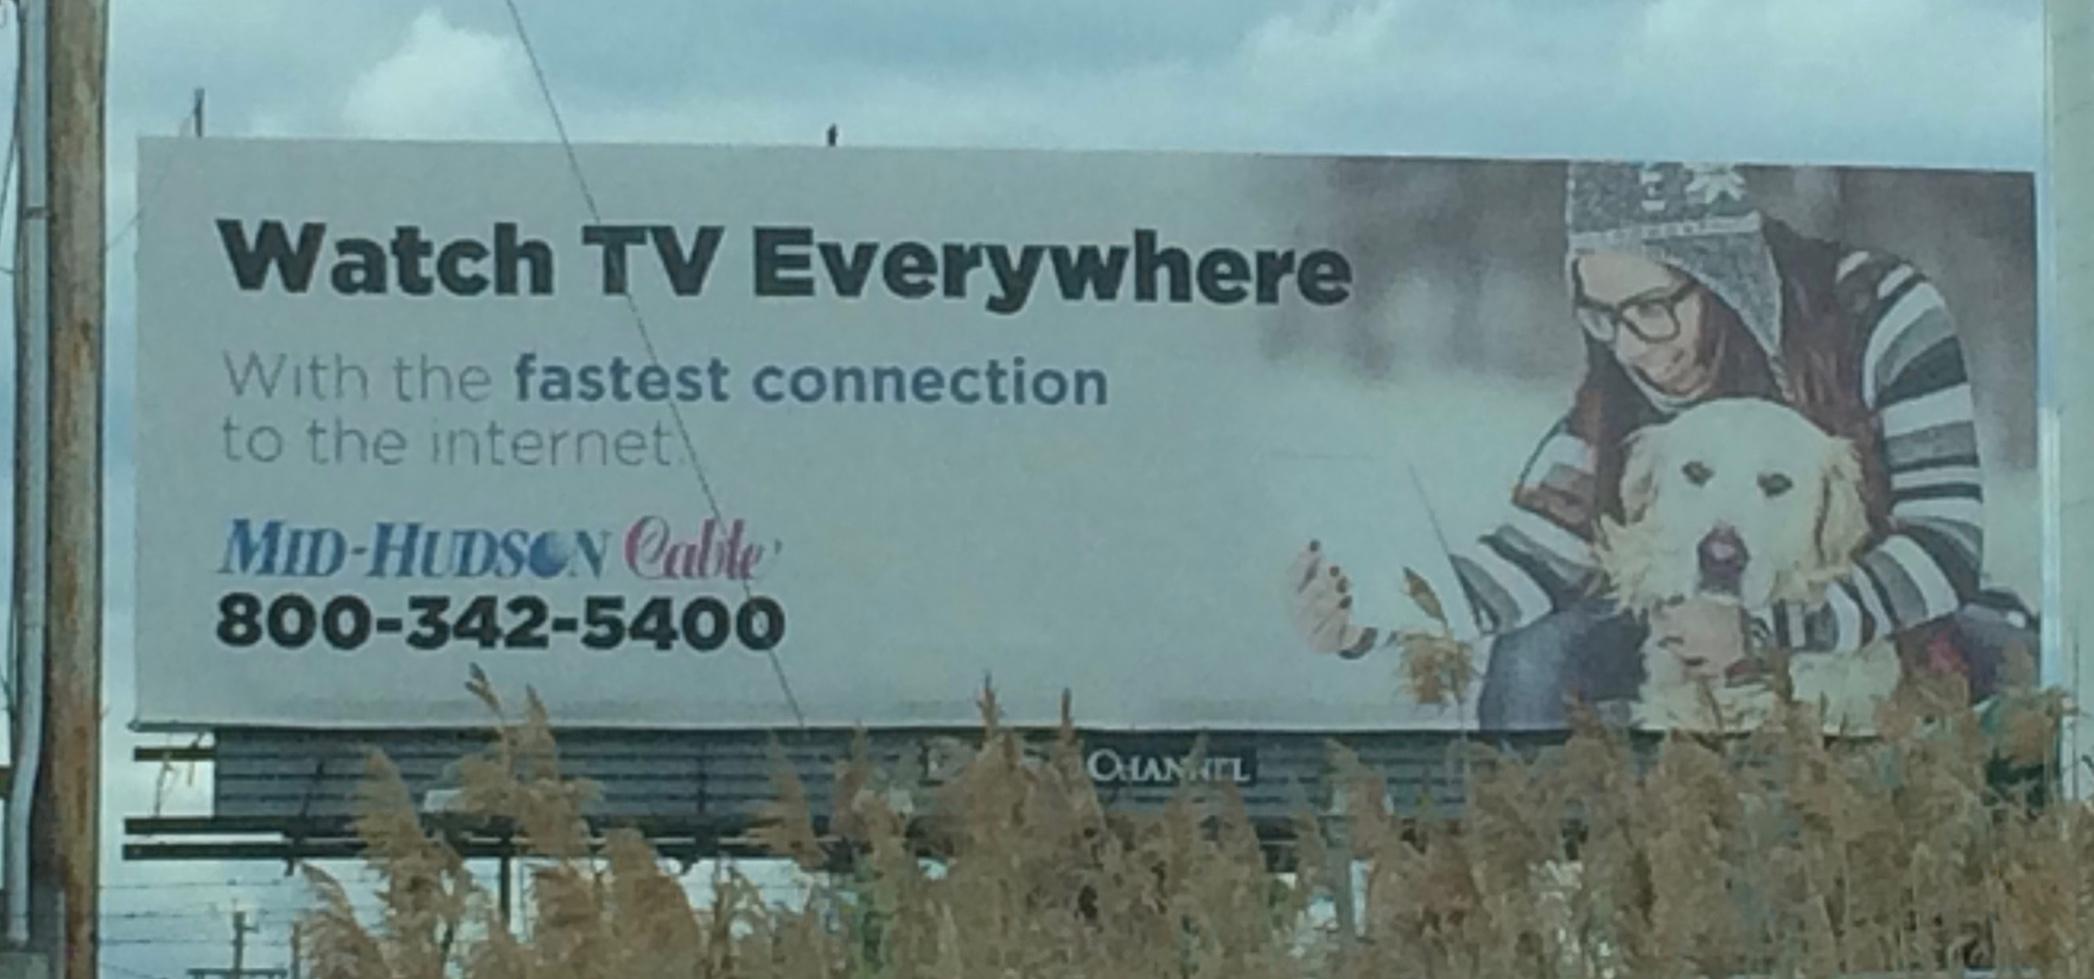 Watch tv everywhere.jpg